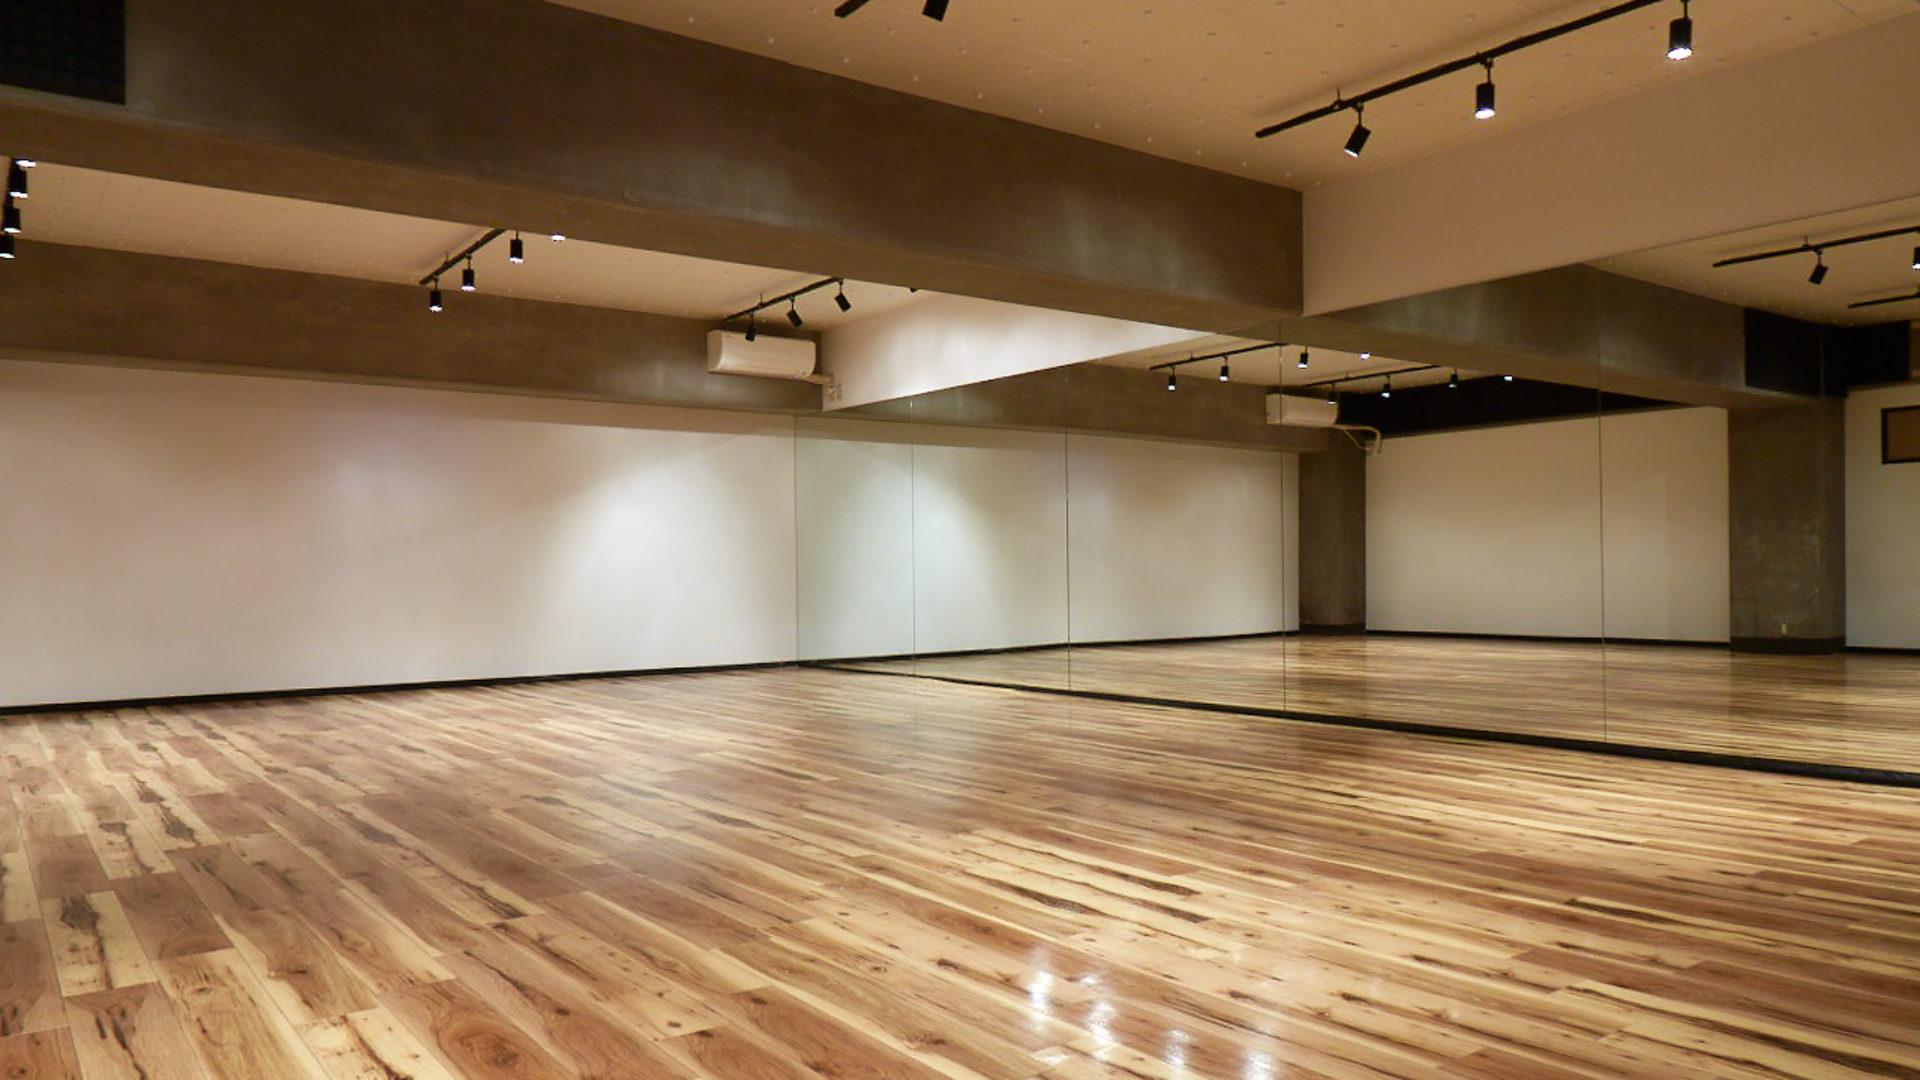 貸しスタジオ【studio501】JR五反田駅5分、大崎駅3分ダンス・バレエ・舞台・演劇・ミュージカル練習レンタル